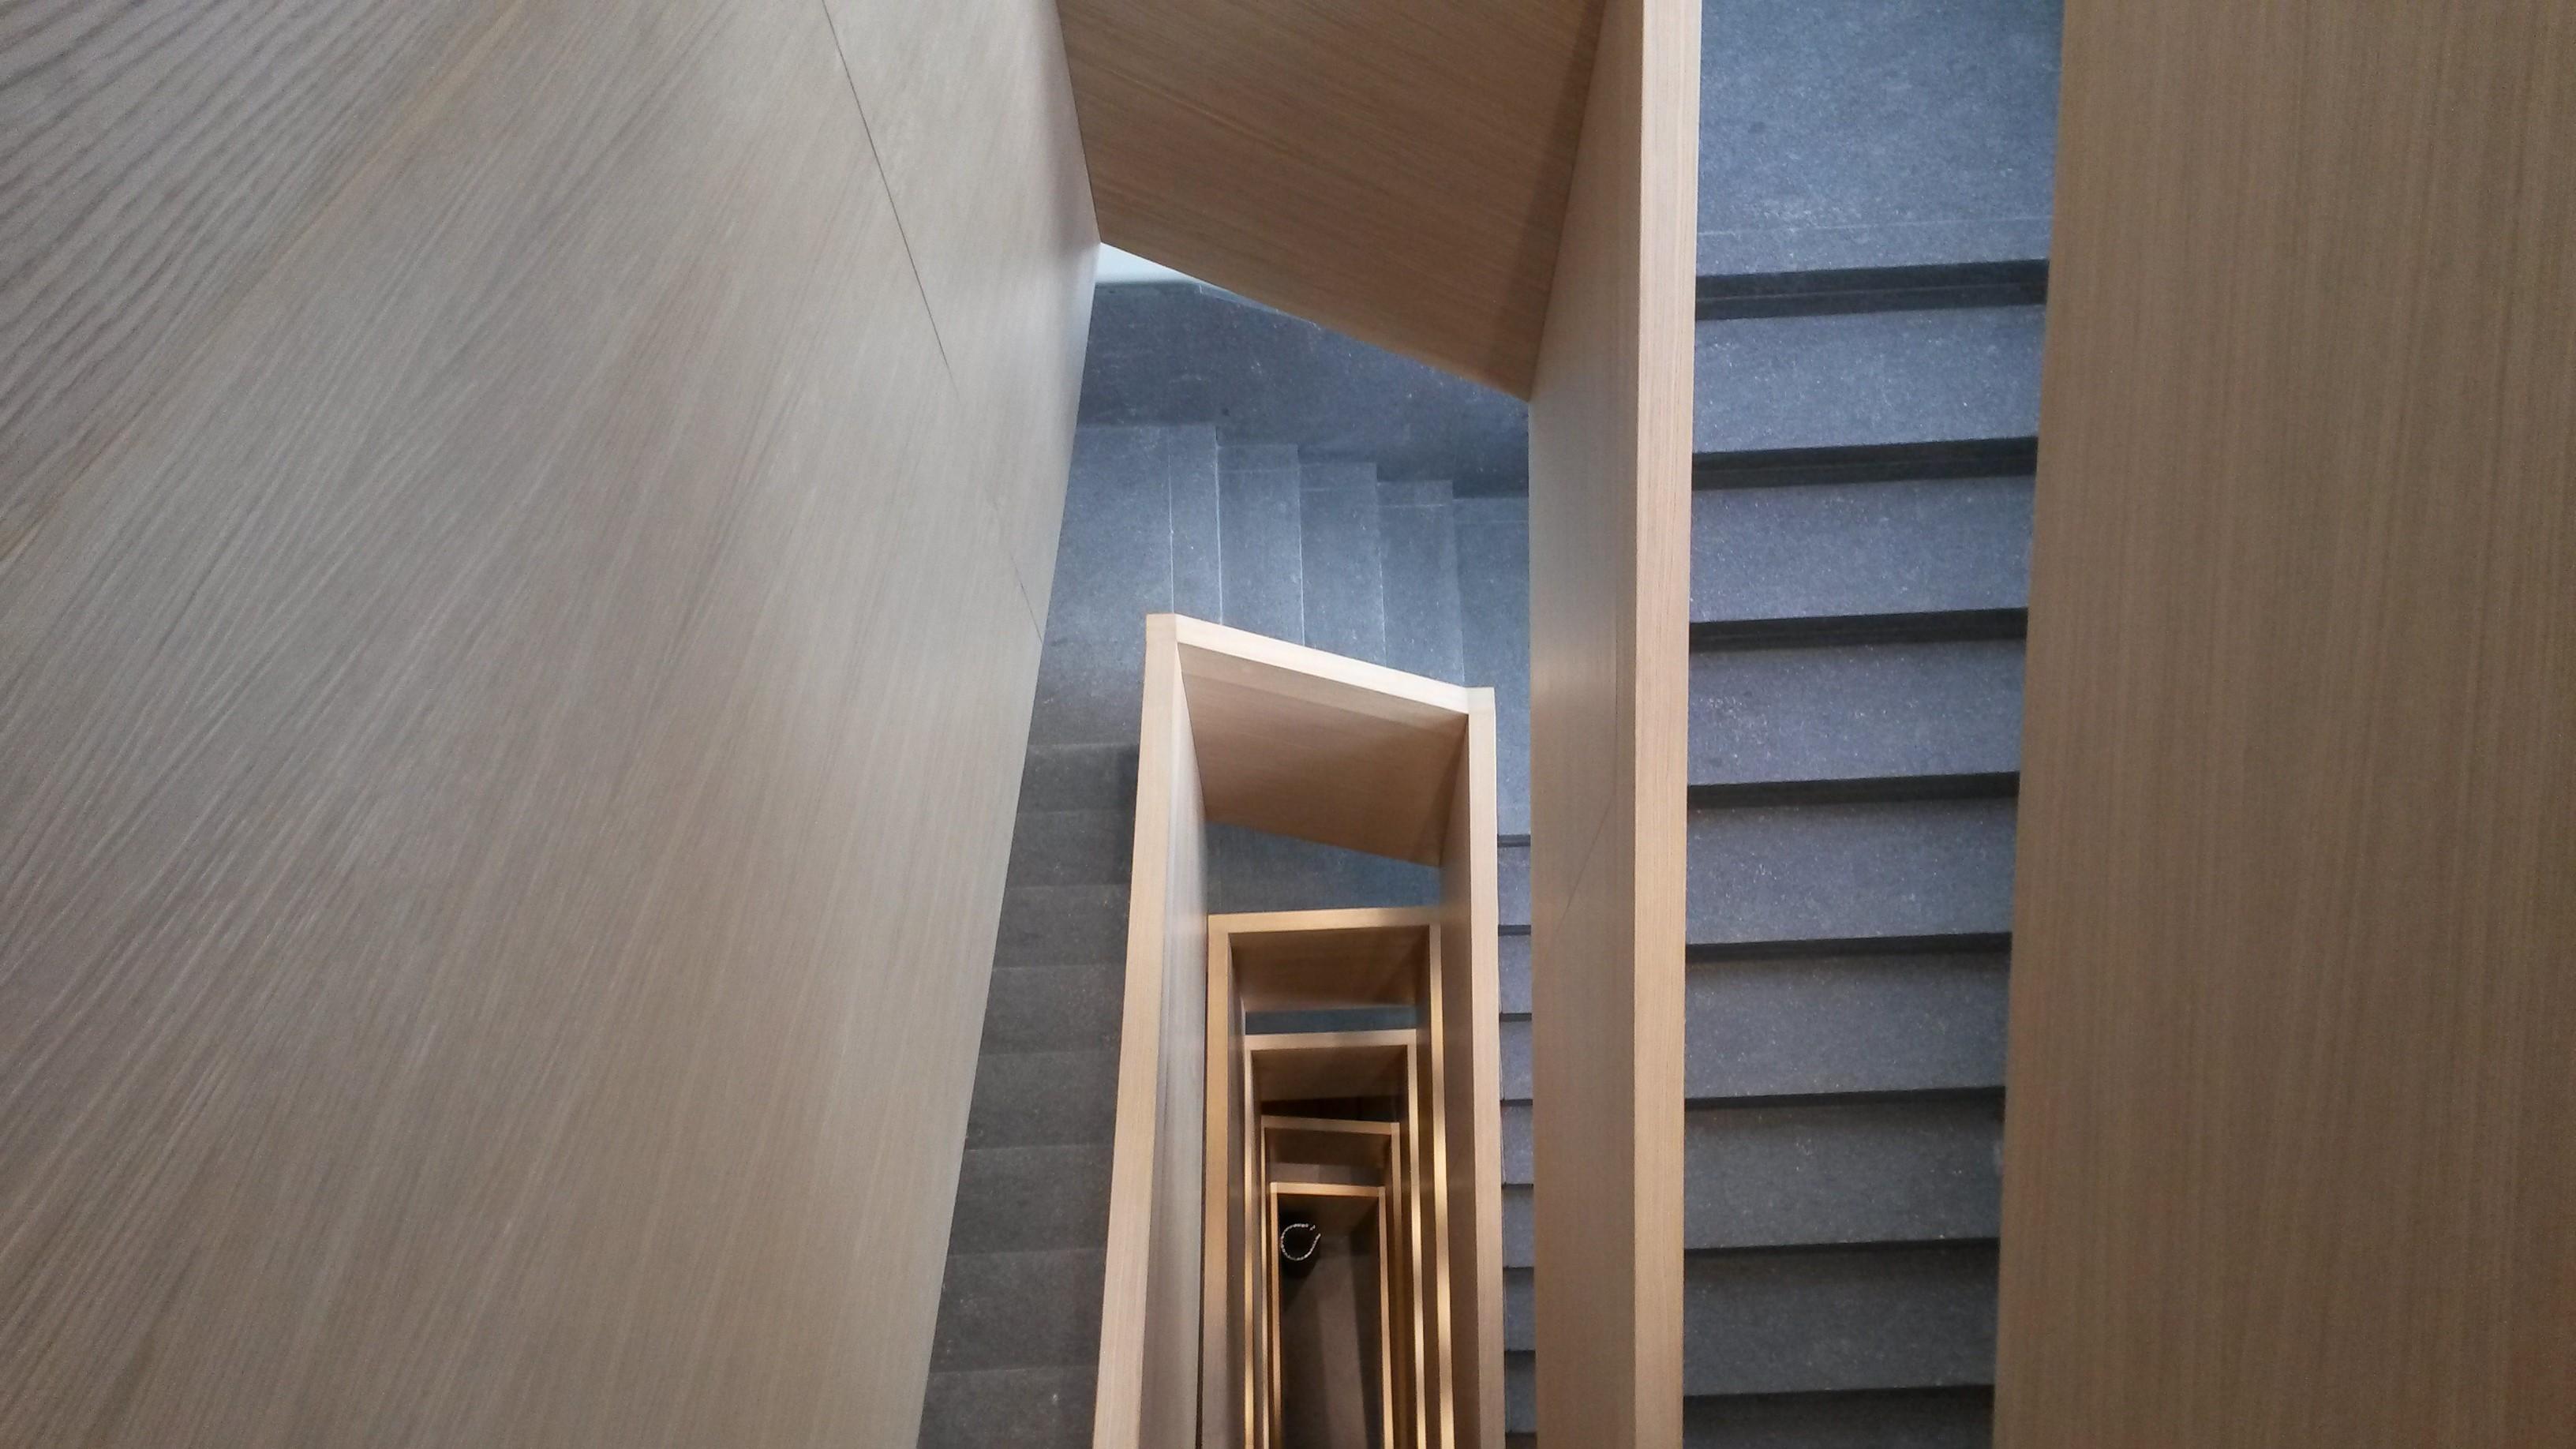 Portata Solaio Anni 60 palazzo ricordi a milano conservato e innovato - il nuovo